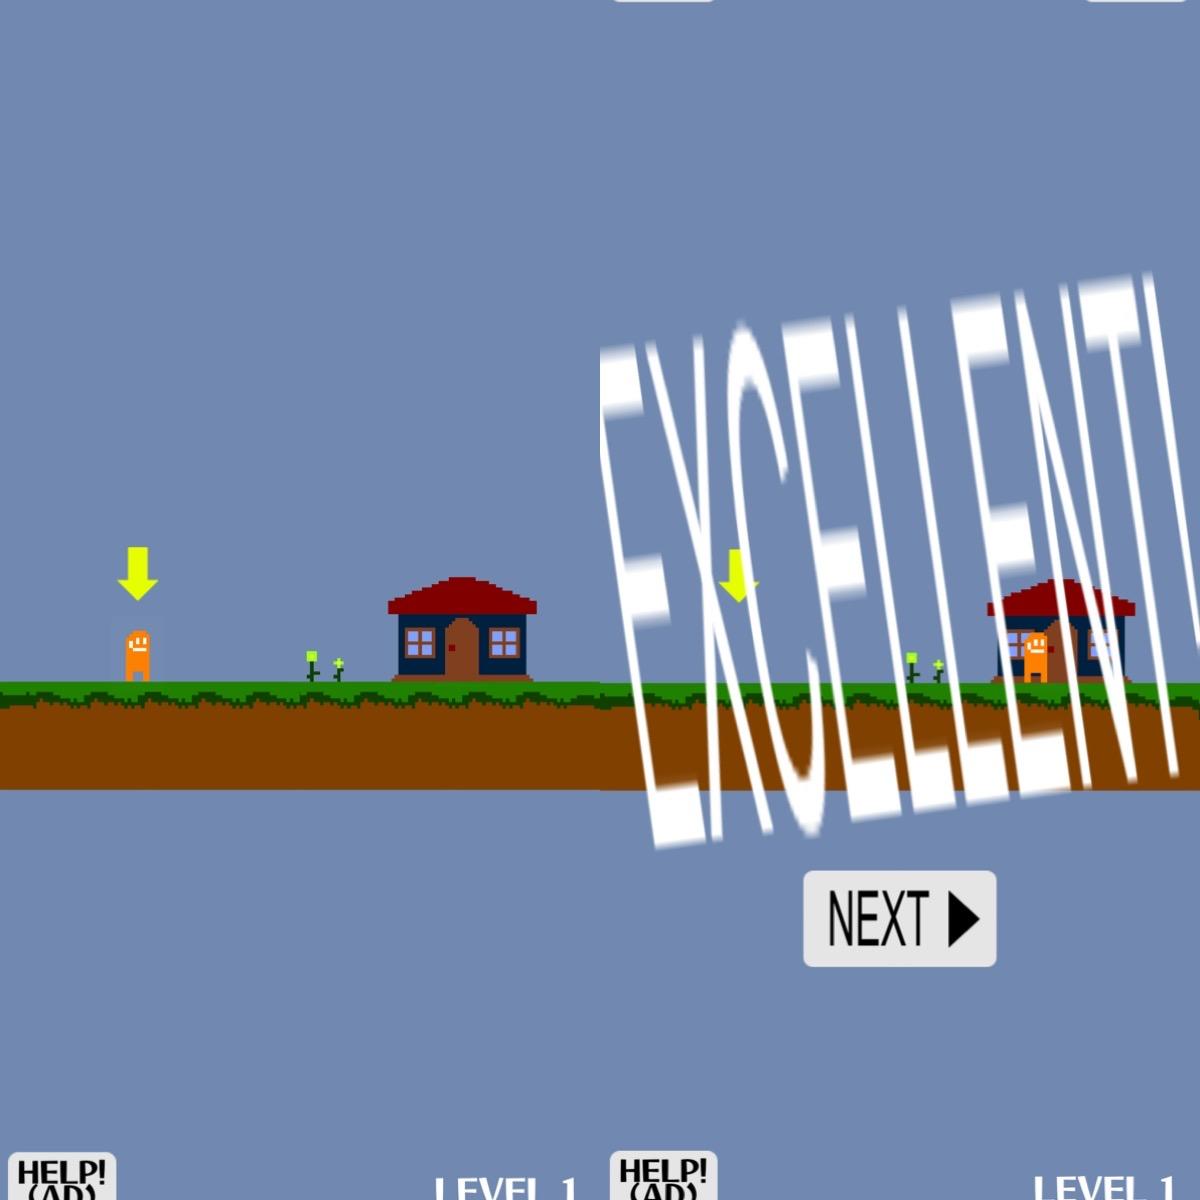 画像1: タップすると?!基本操作はこれだけ。アクションステージで操作に慣れよう。